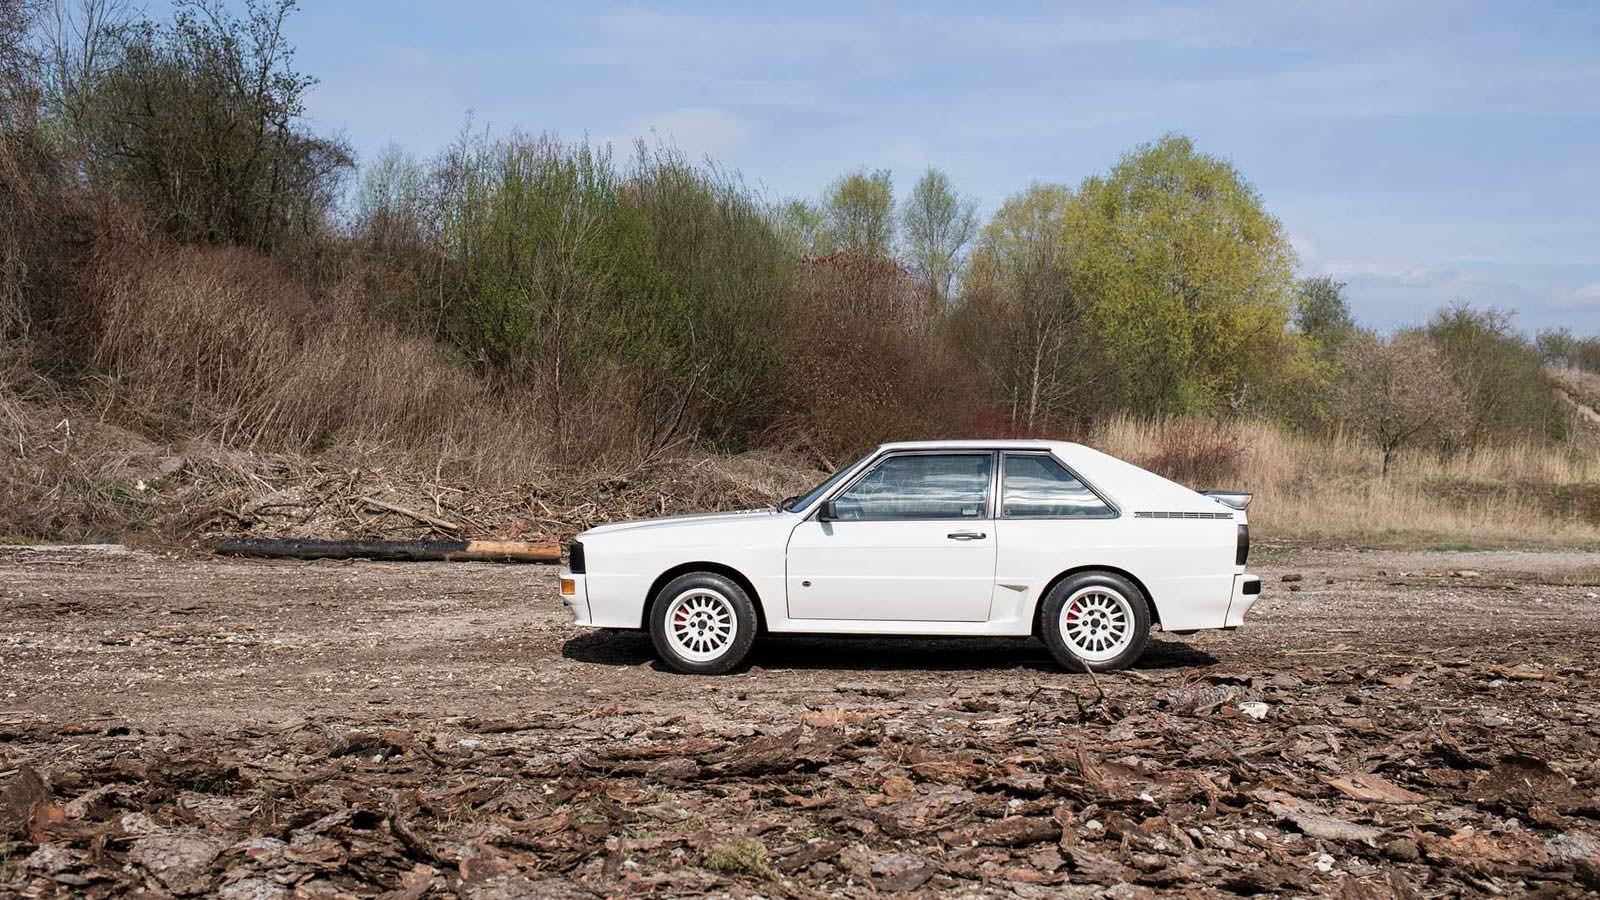 Фото | Audi Sport Quattro 1984 года